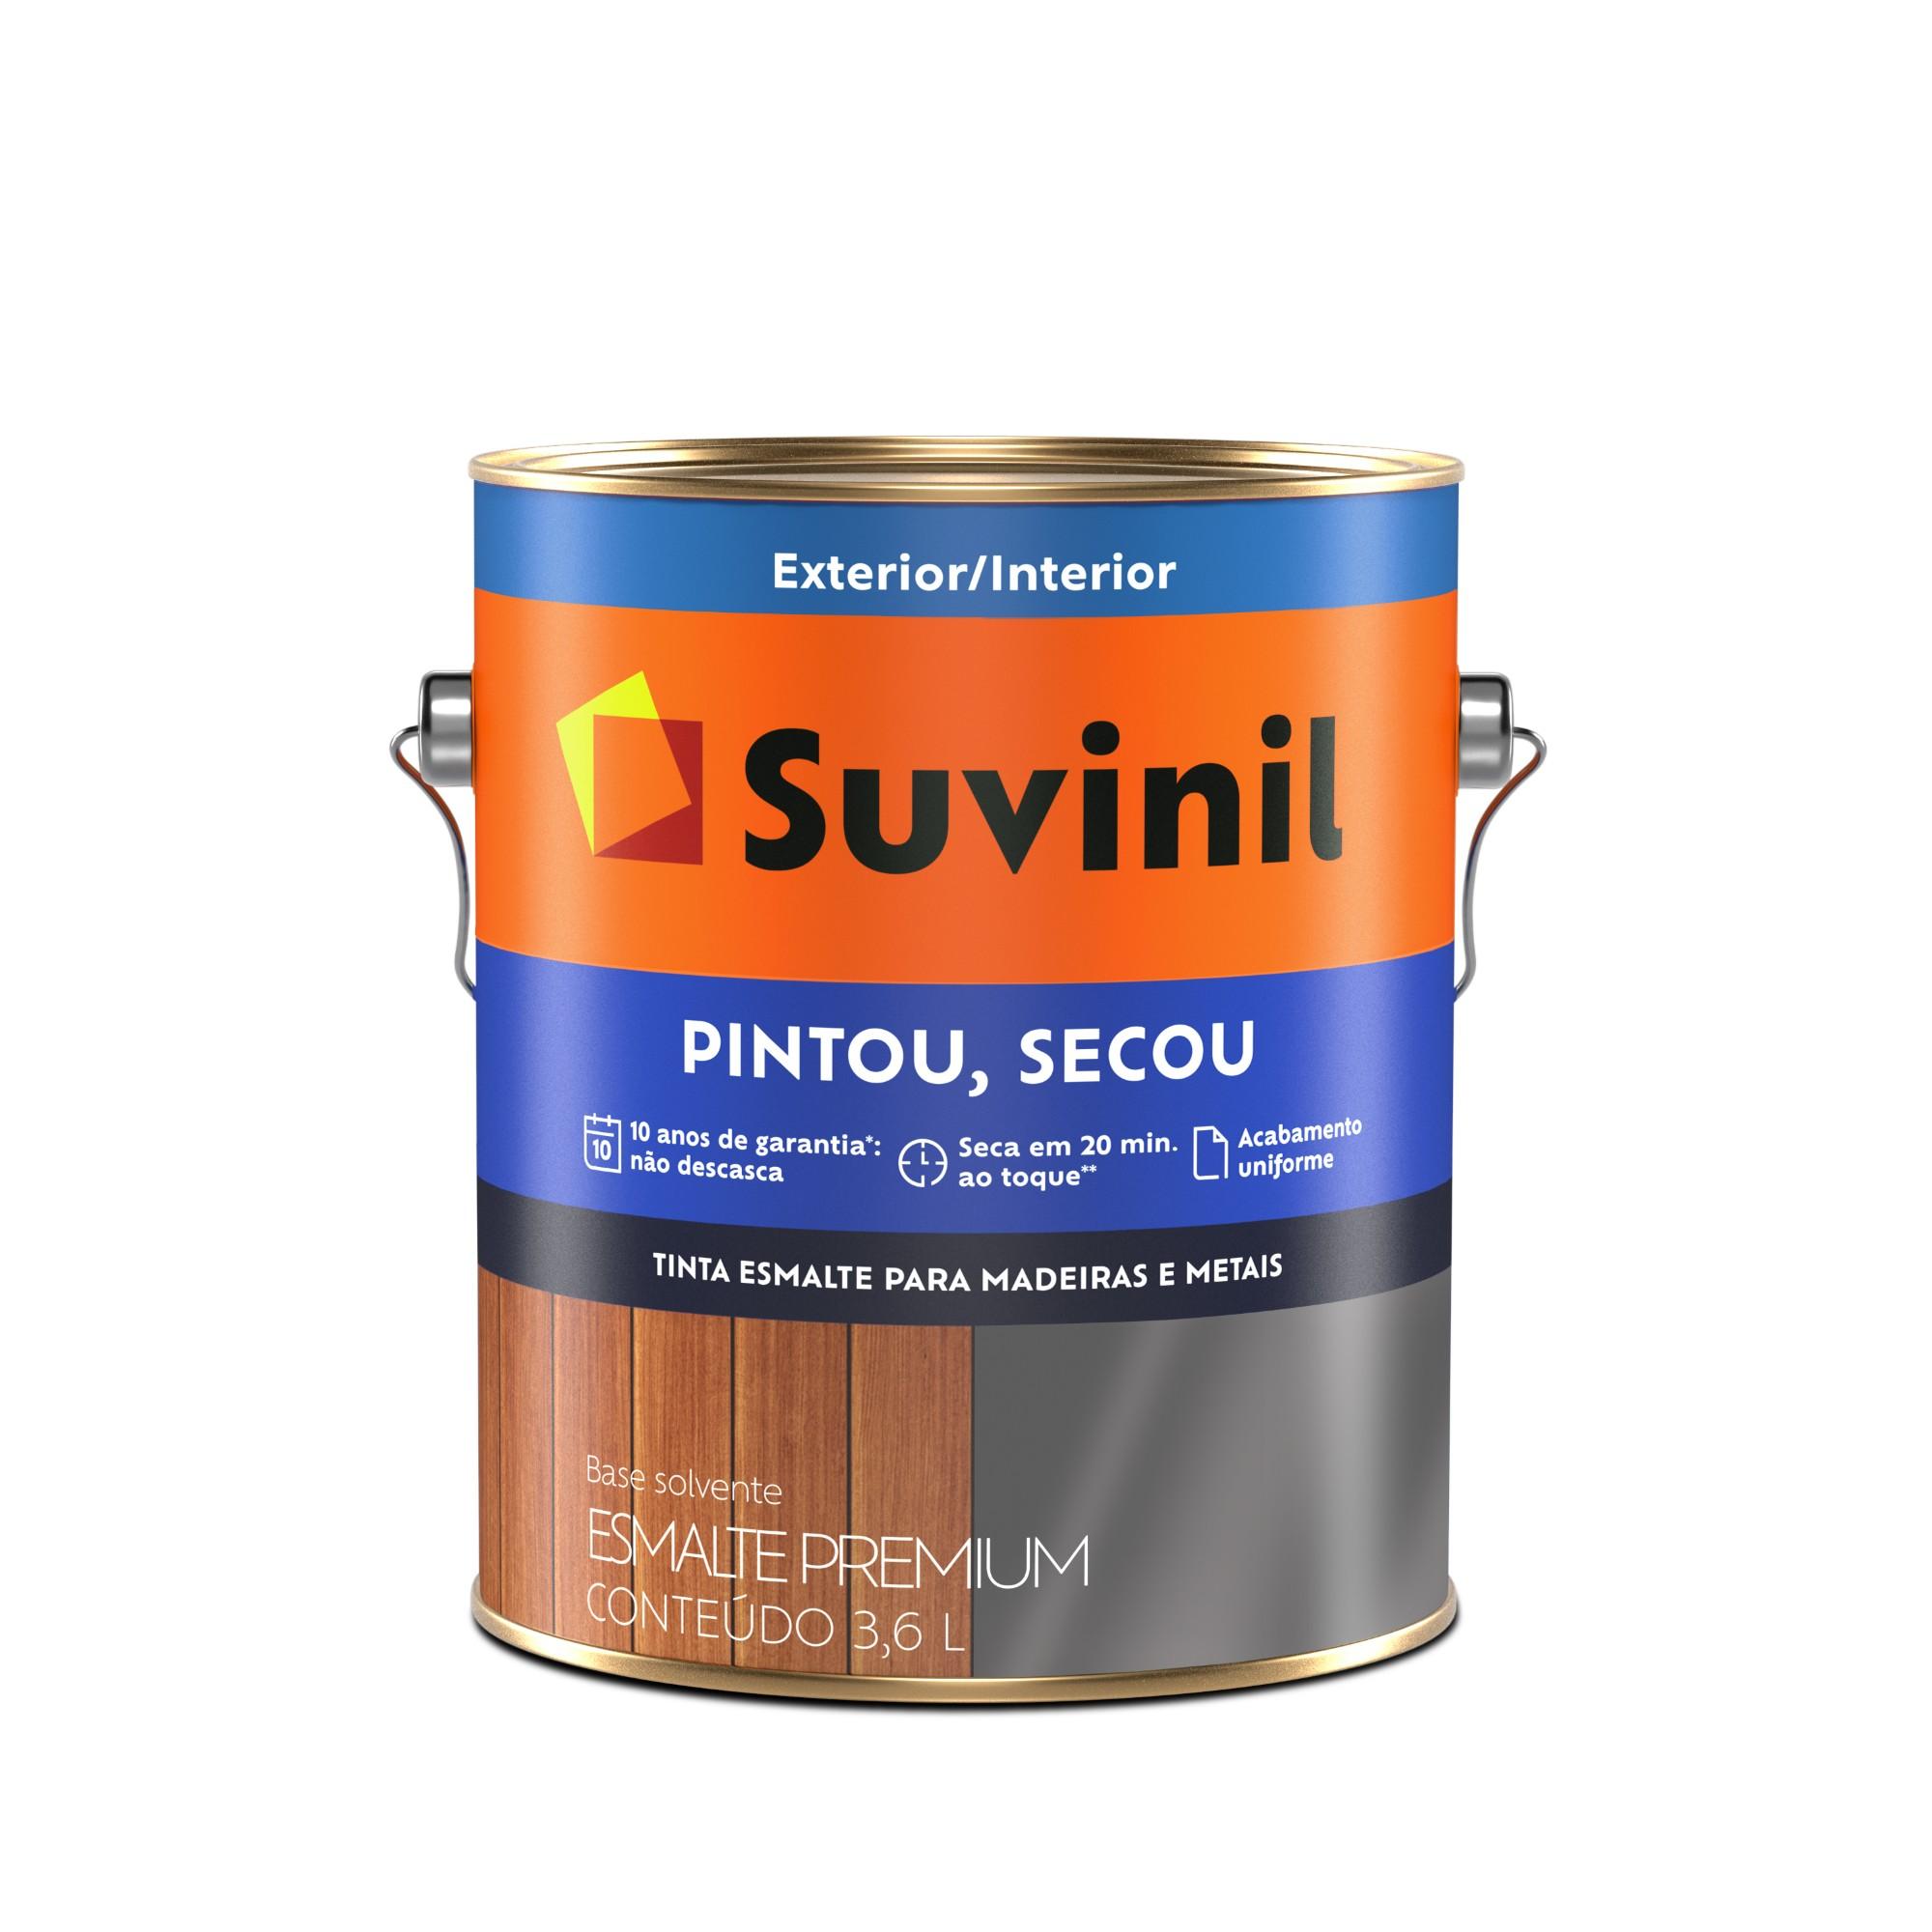 Tinta Esmalte Sintetico Brilhante Premium 36L - Del Rey - Pintou Secou Suvinil